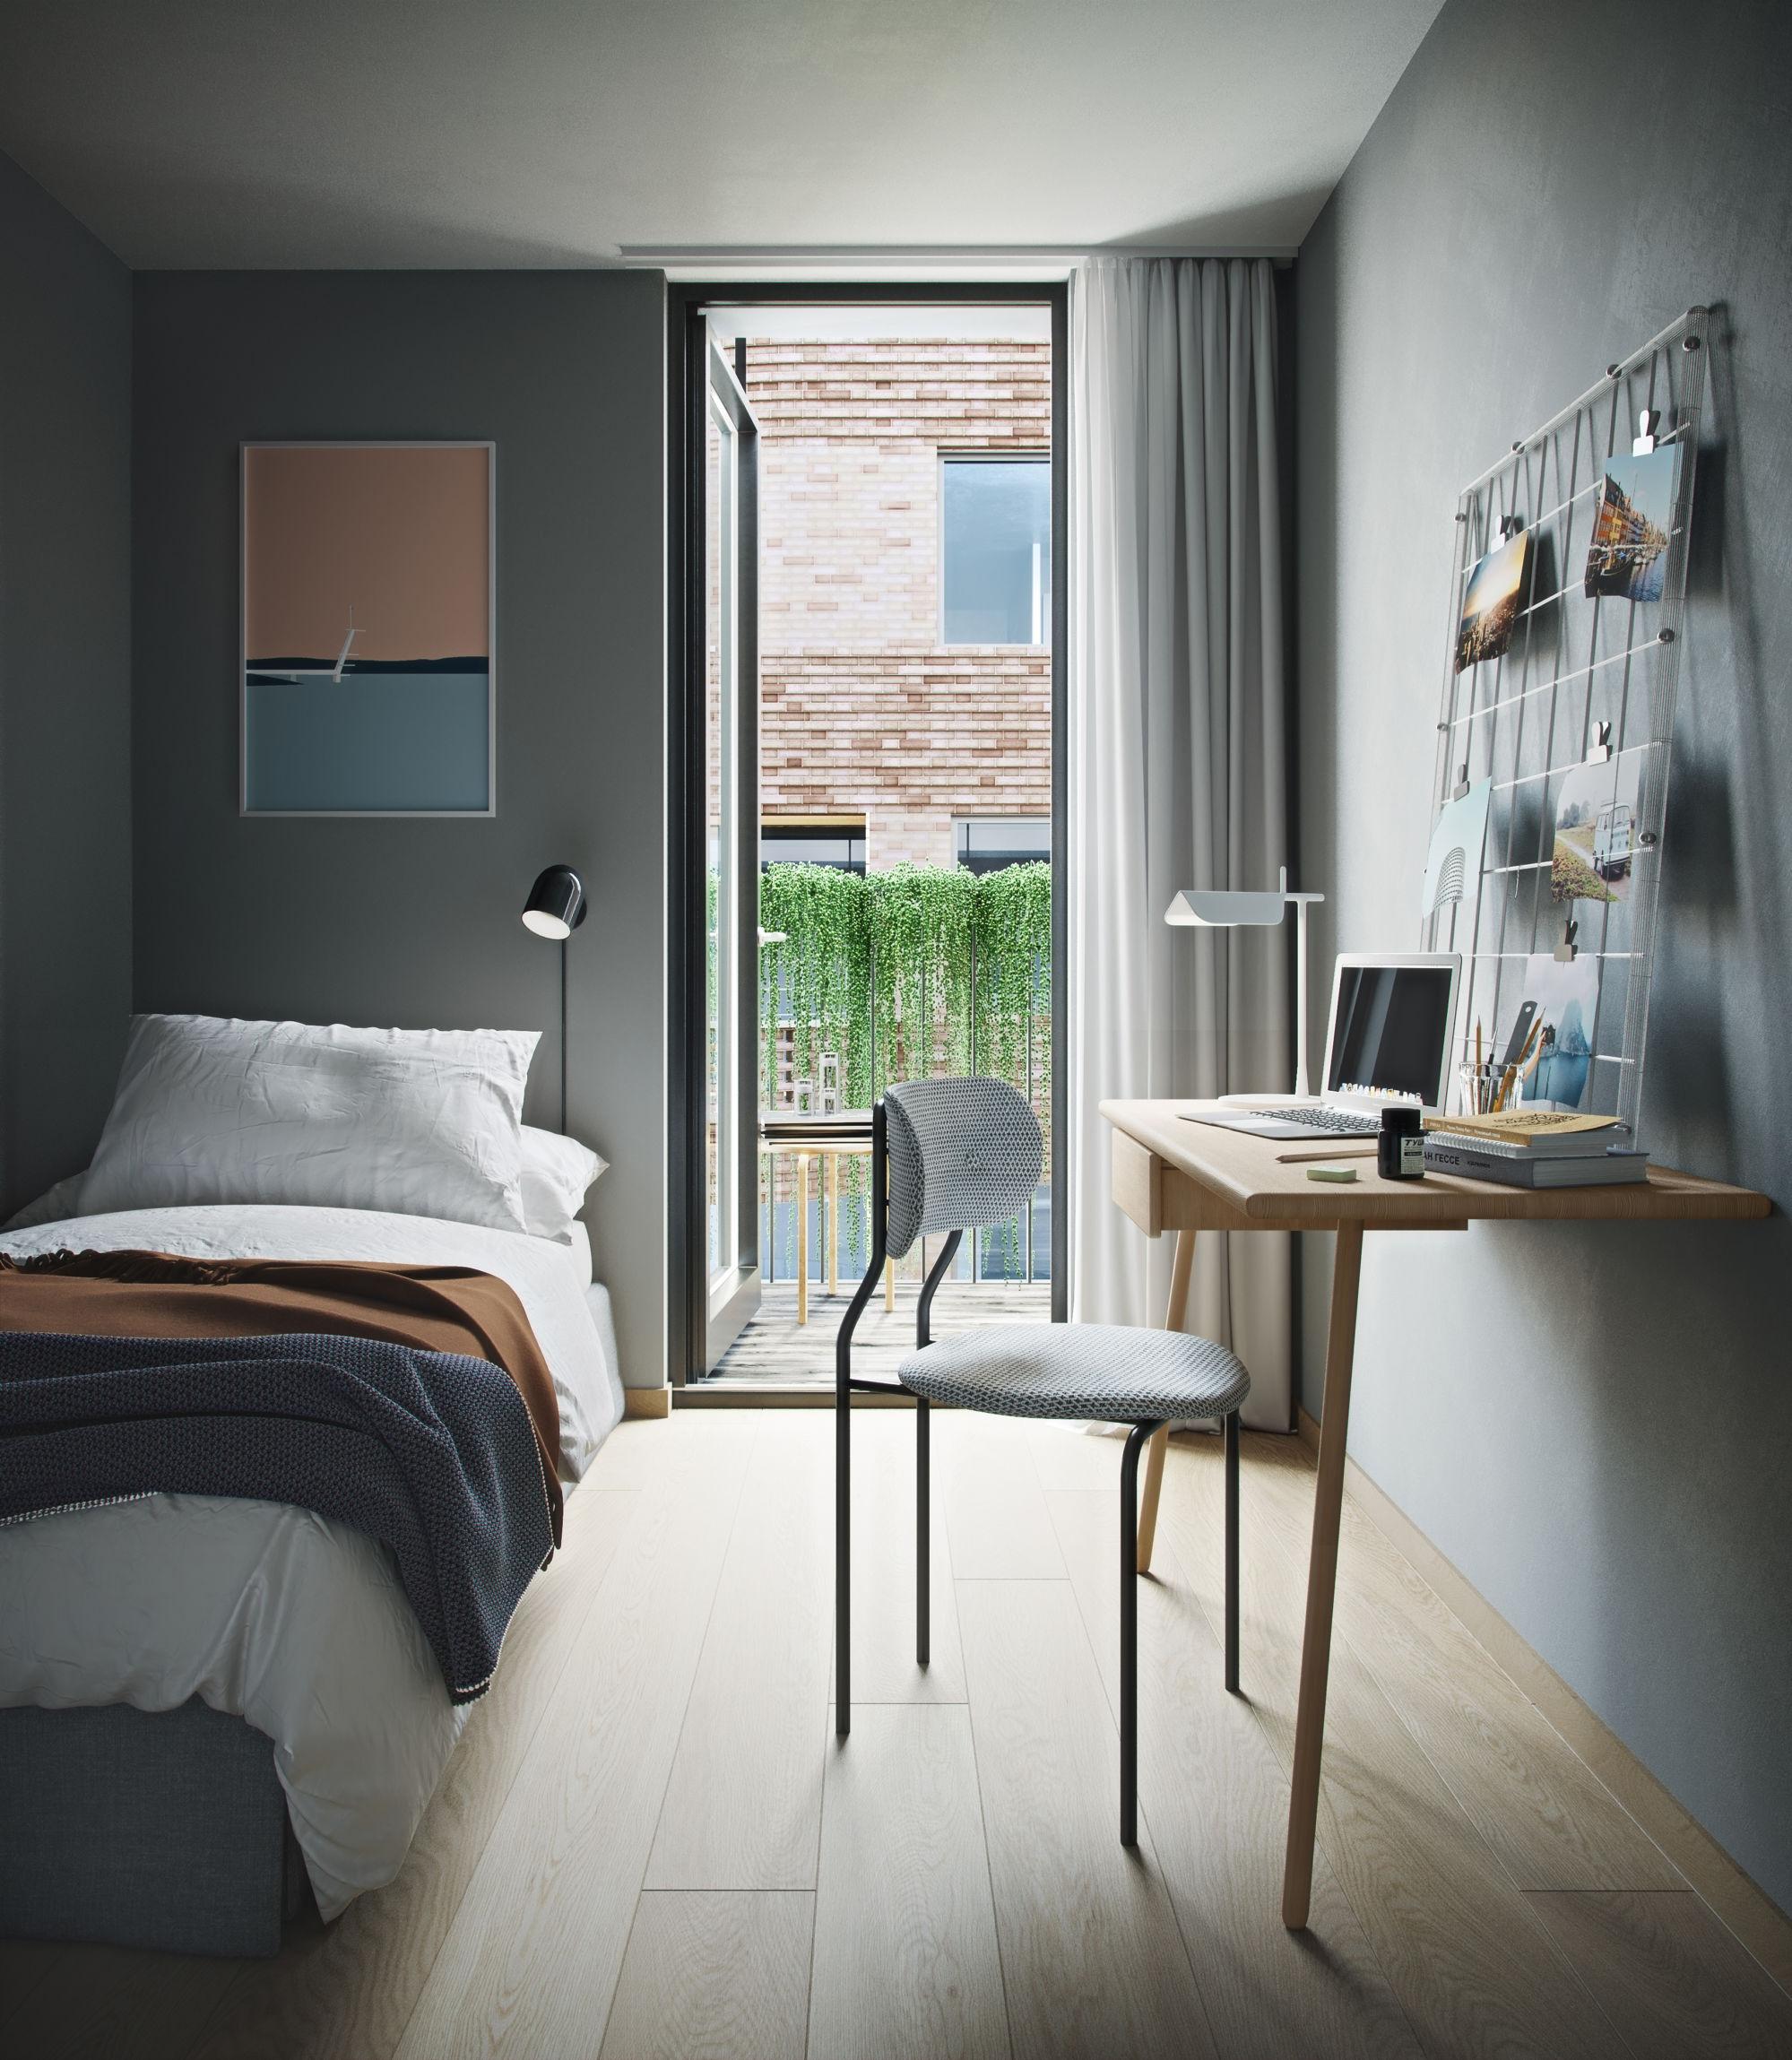 WEB_2260-04-PRI-i-05_Apt-H404_bedroom_balcony_R02_P&N-edit